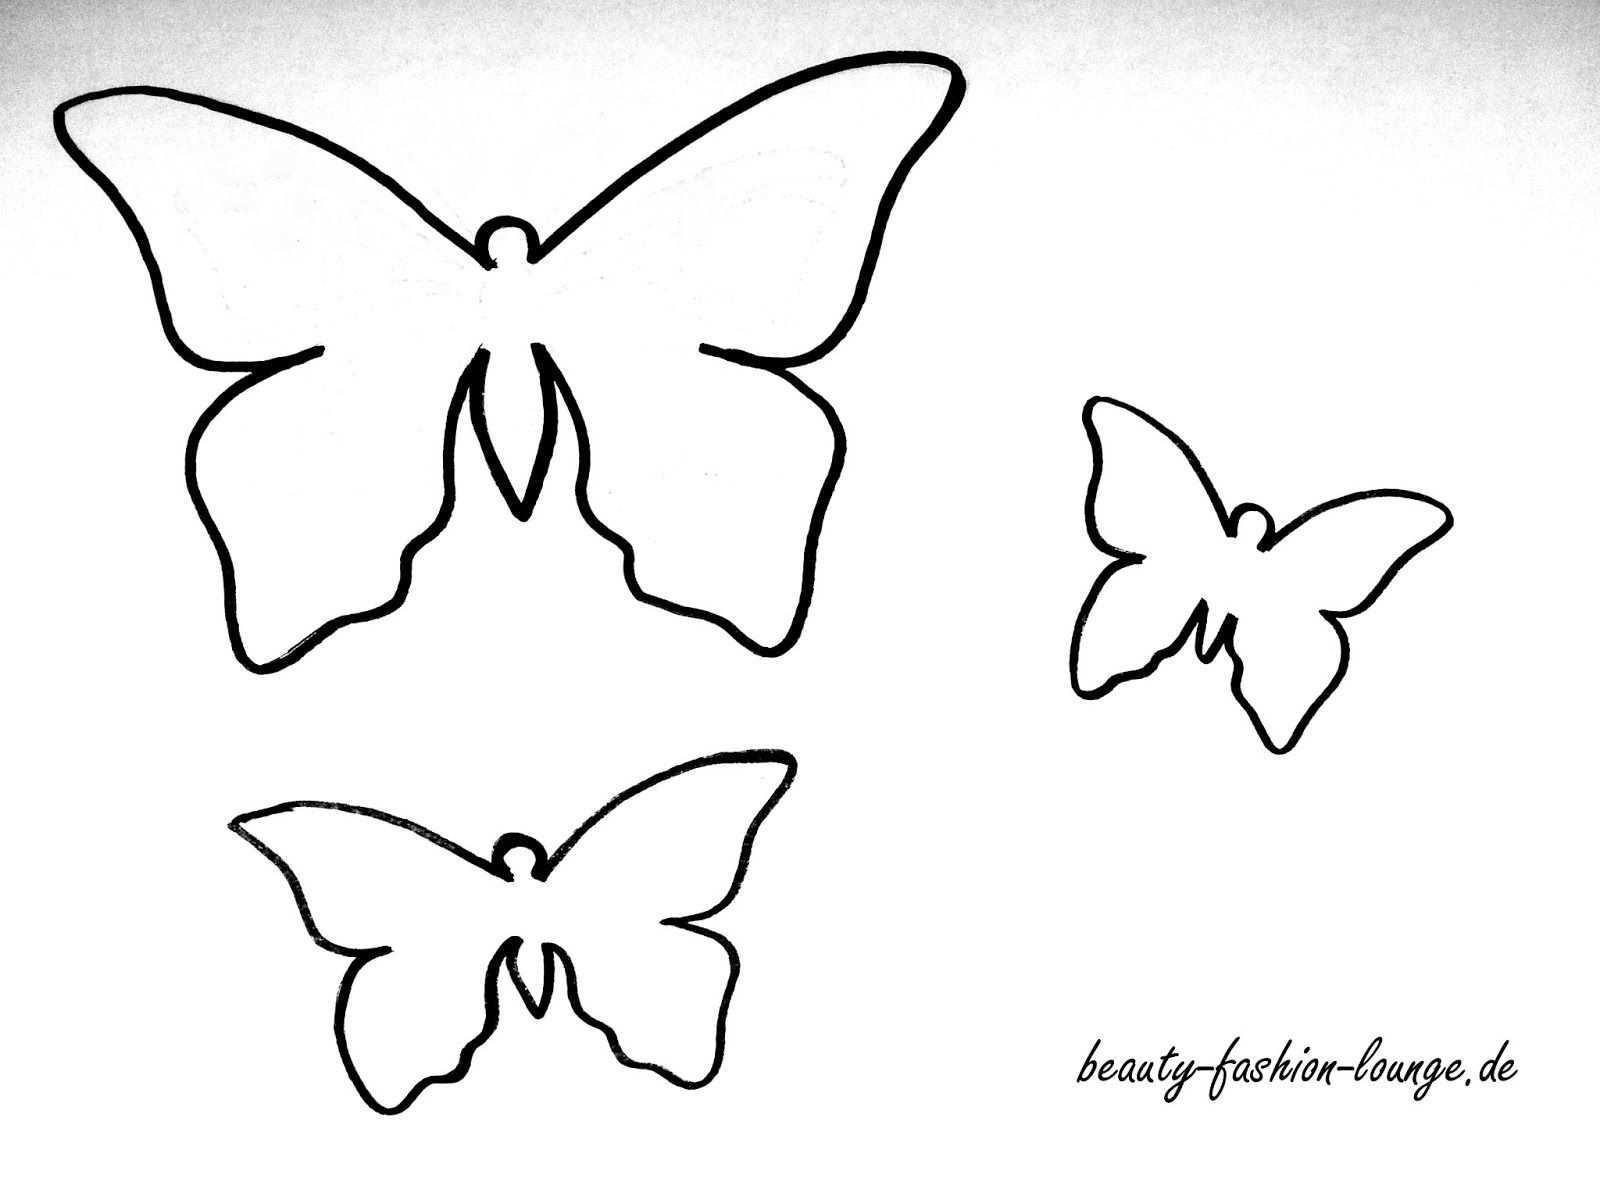 20130302 145758 Jpg 1600 1200 Schmetterling Vorlage Malvorlagen Malvorlage Schmetterling